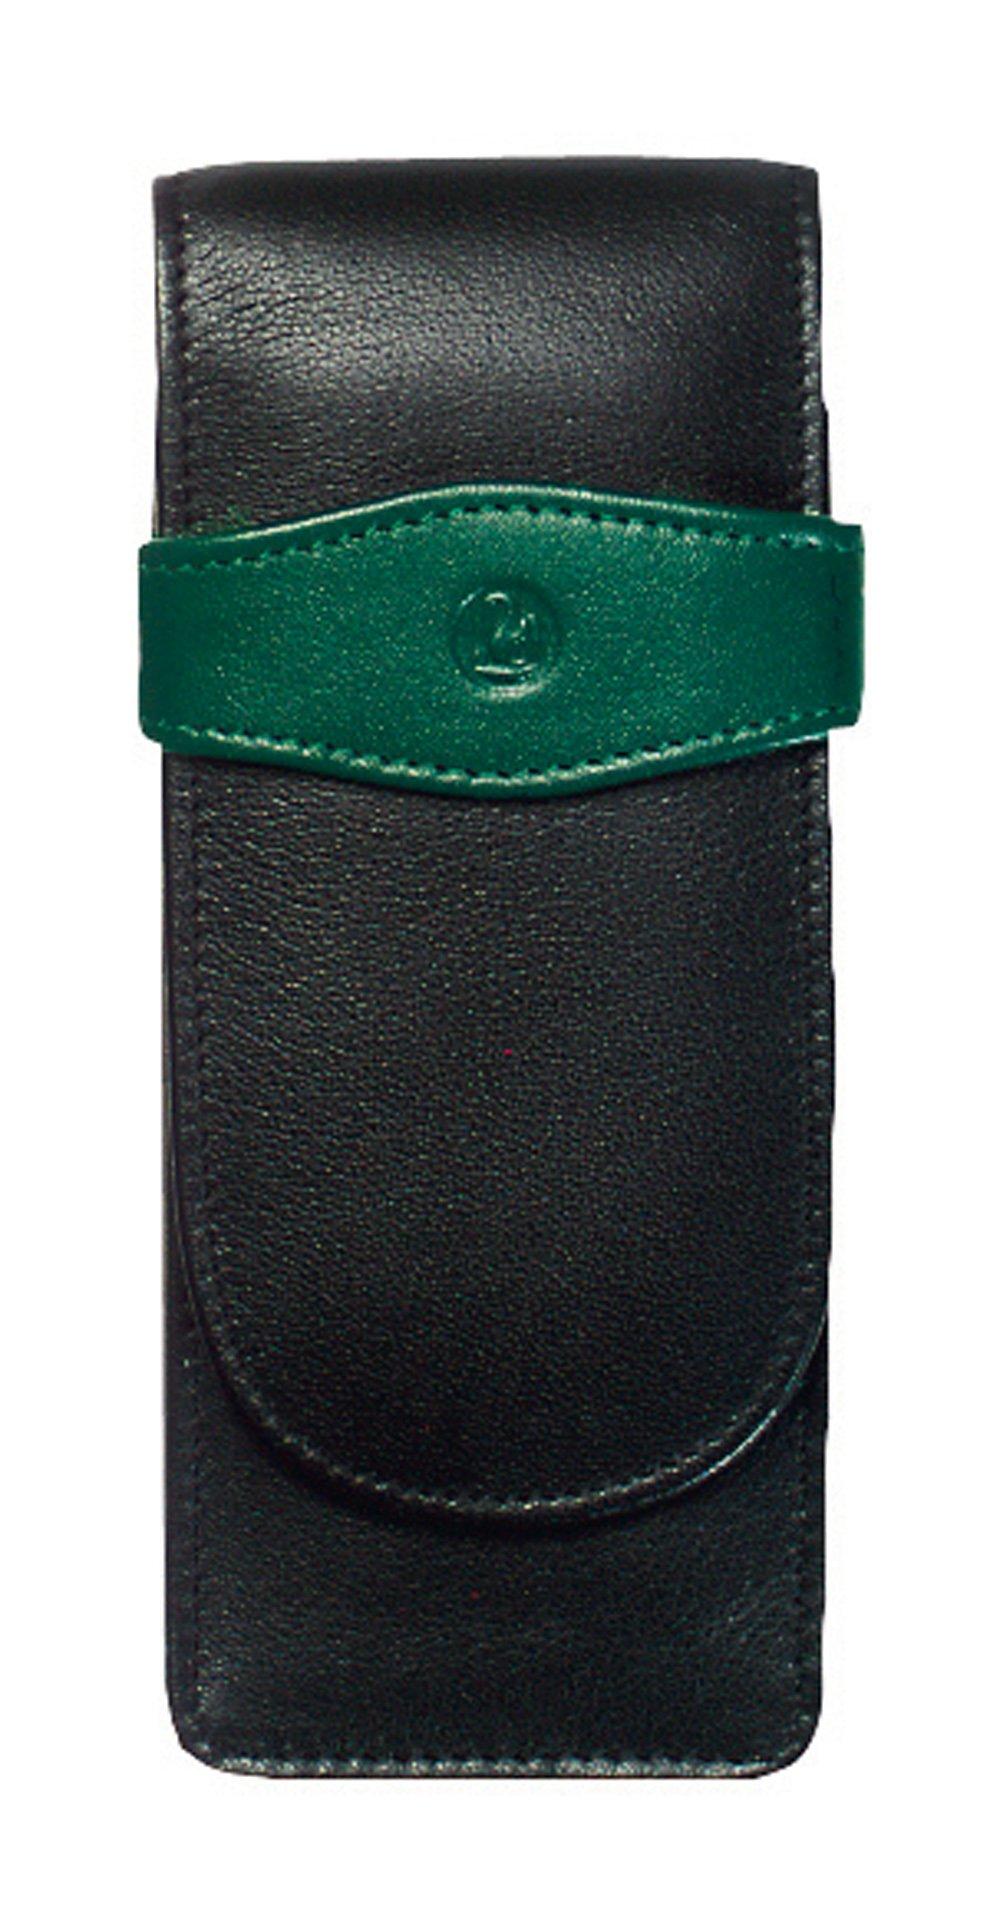 Pelikan Leather Triple Pen Case, Black/Green (924092)